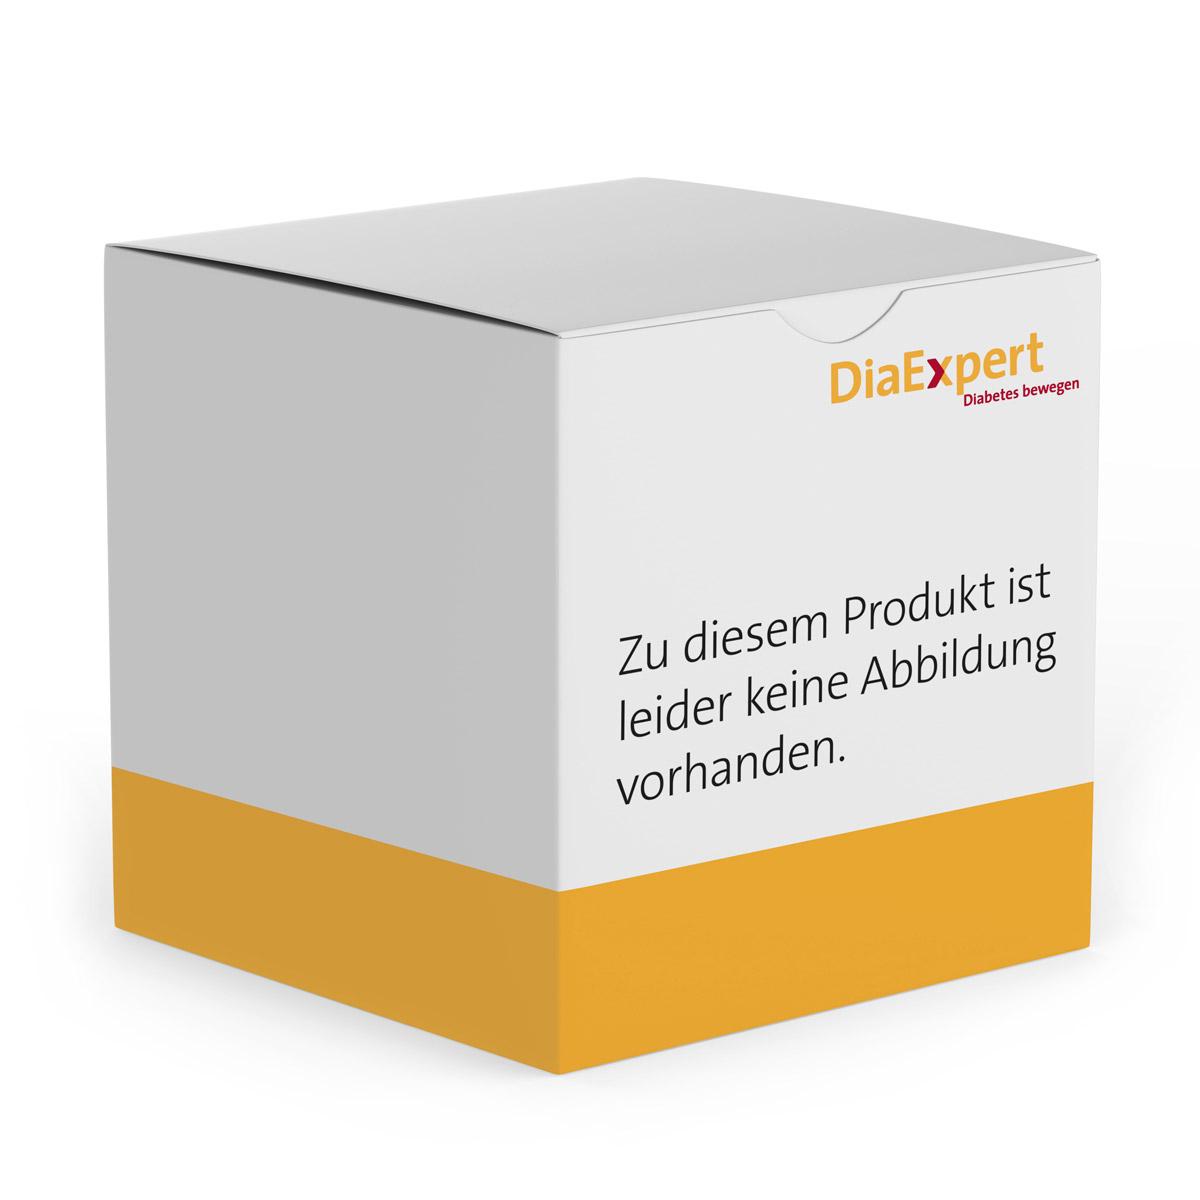 Gürtelclip für MiniMed 640G